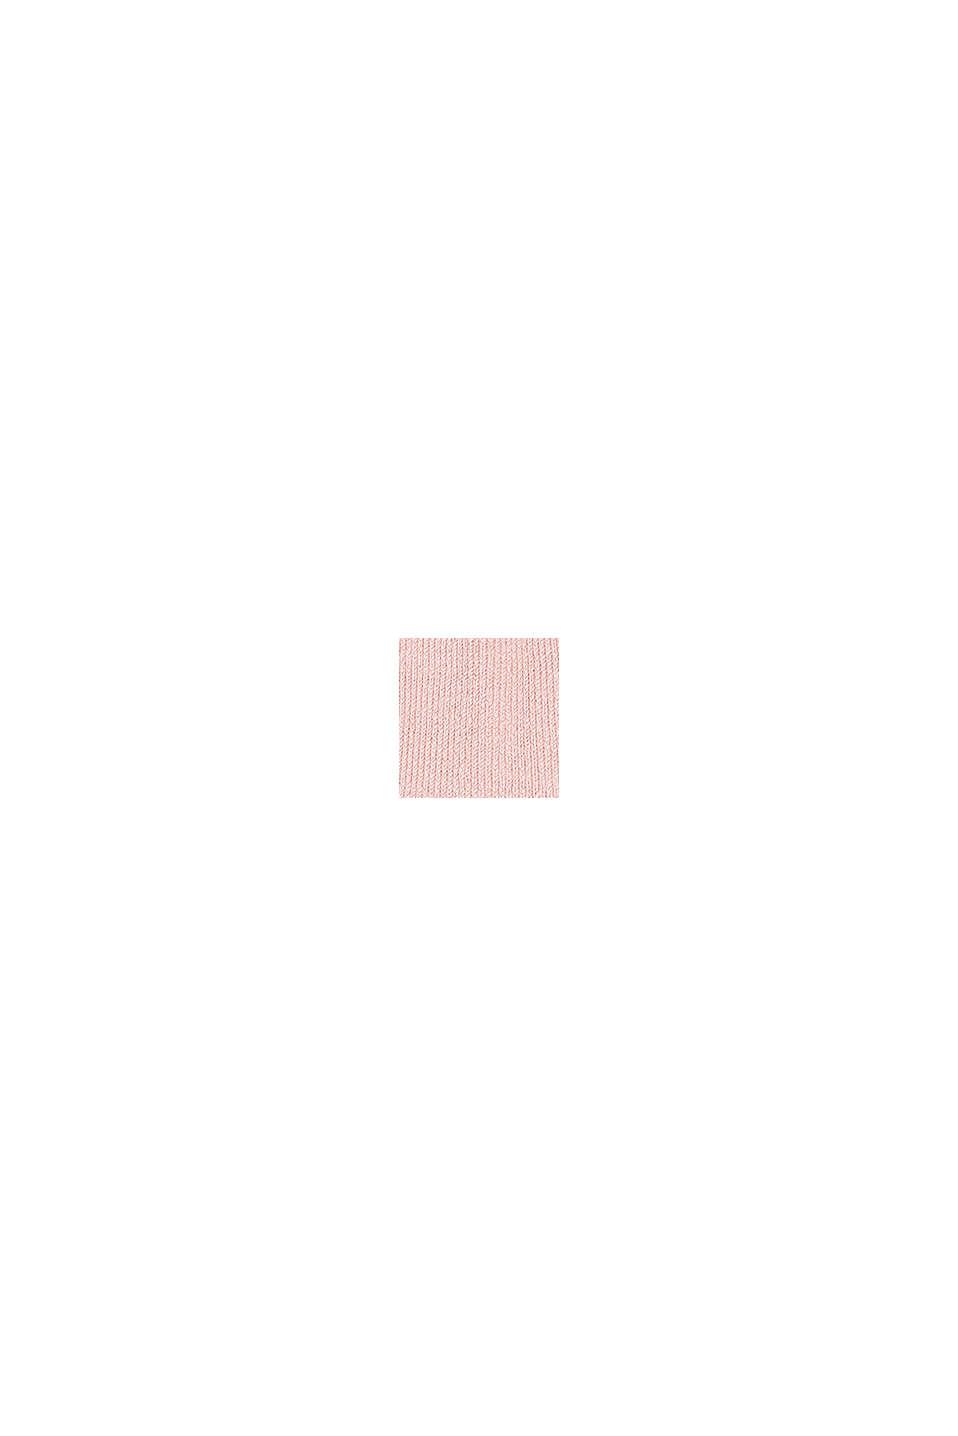 Con lana vergine: morbide calze antiscivolo, ENGLISH ROSE, swatch